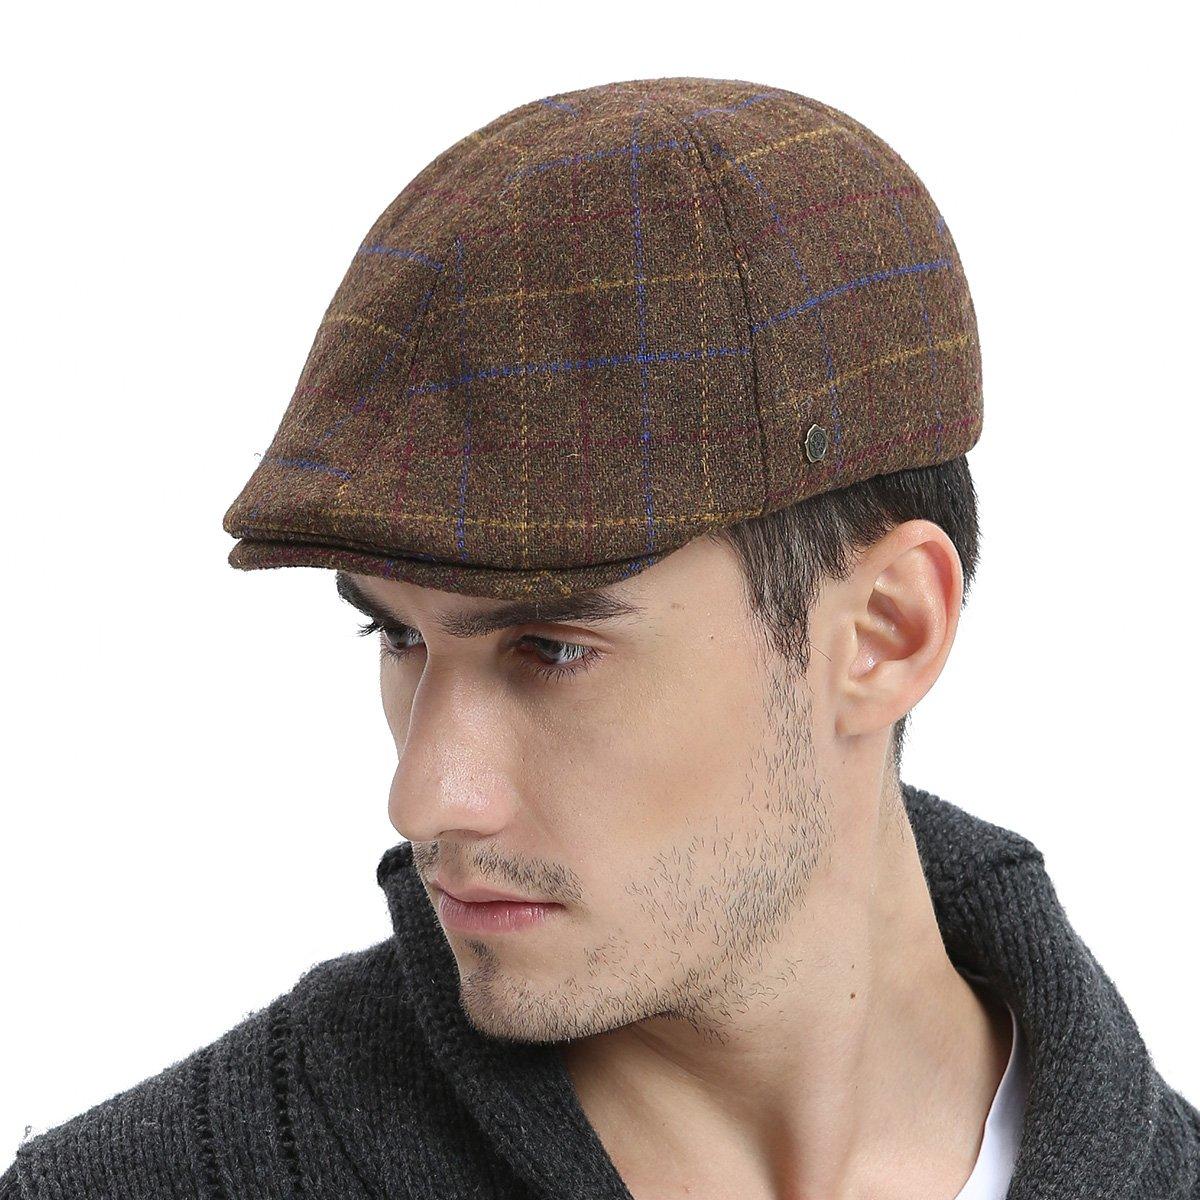 VOBOOM Mens Winter Wool Blend Newsboy Cap Warm Flat Ivy Driving Cap BDMZ180-Gren